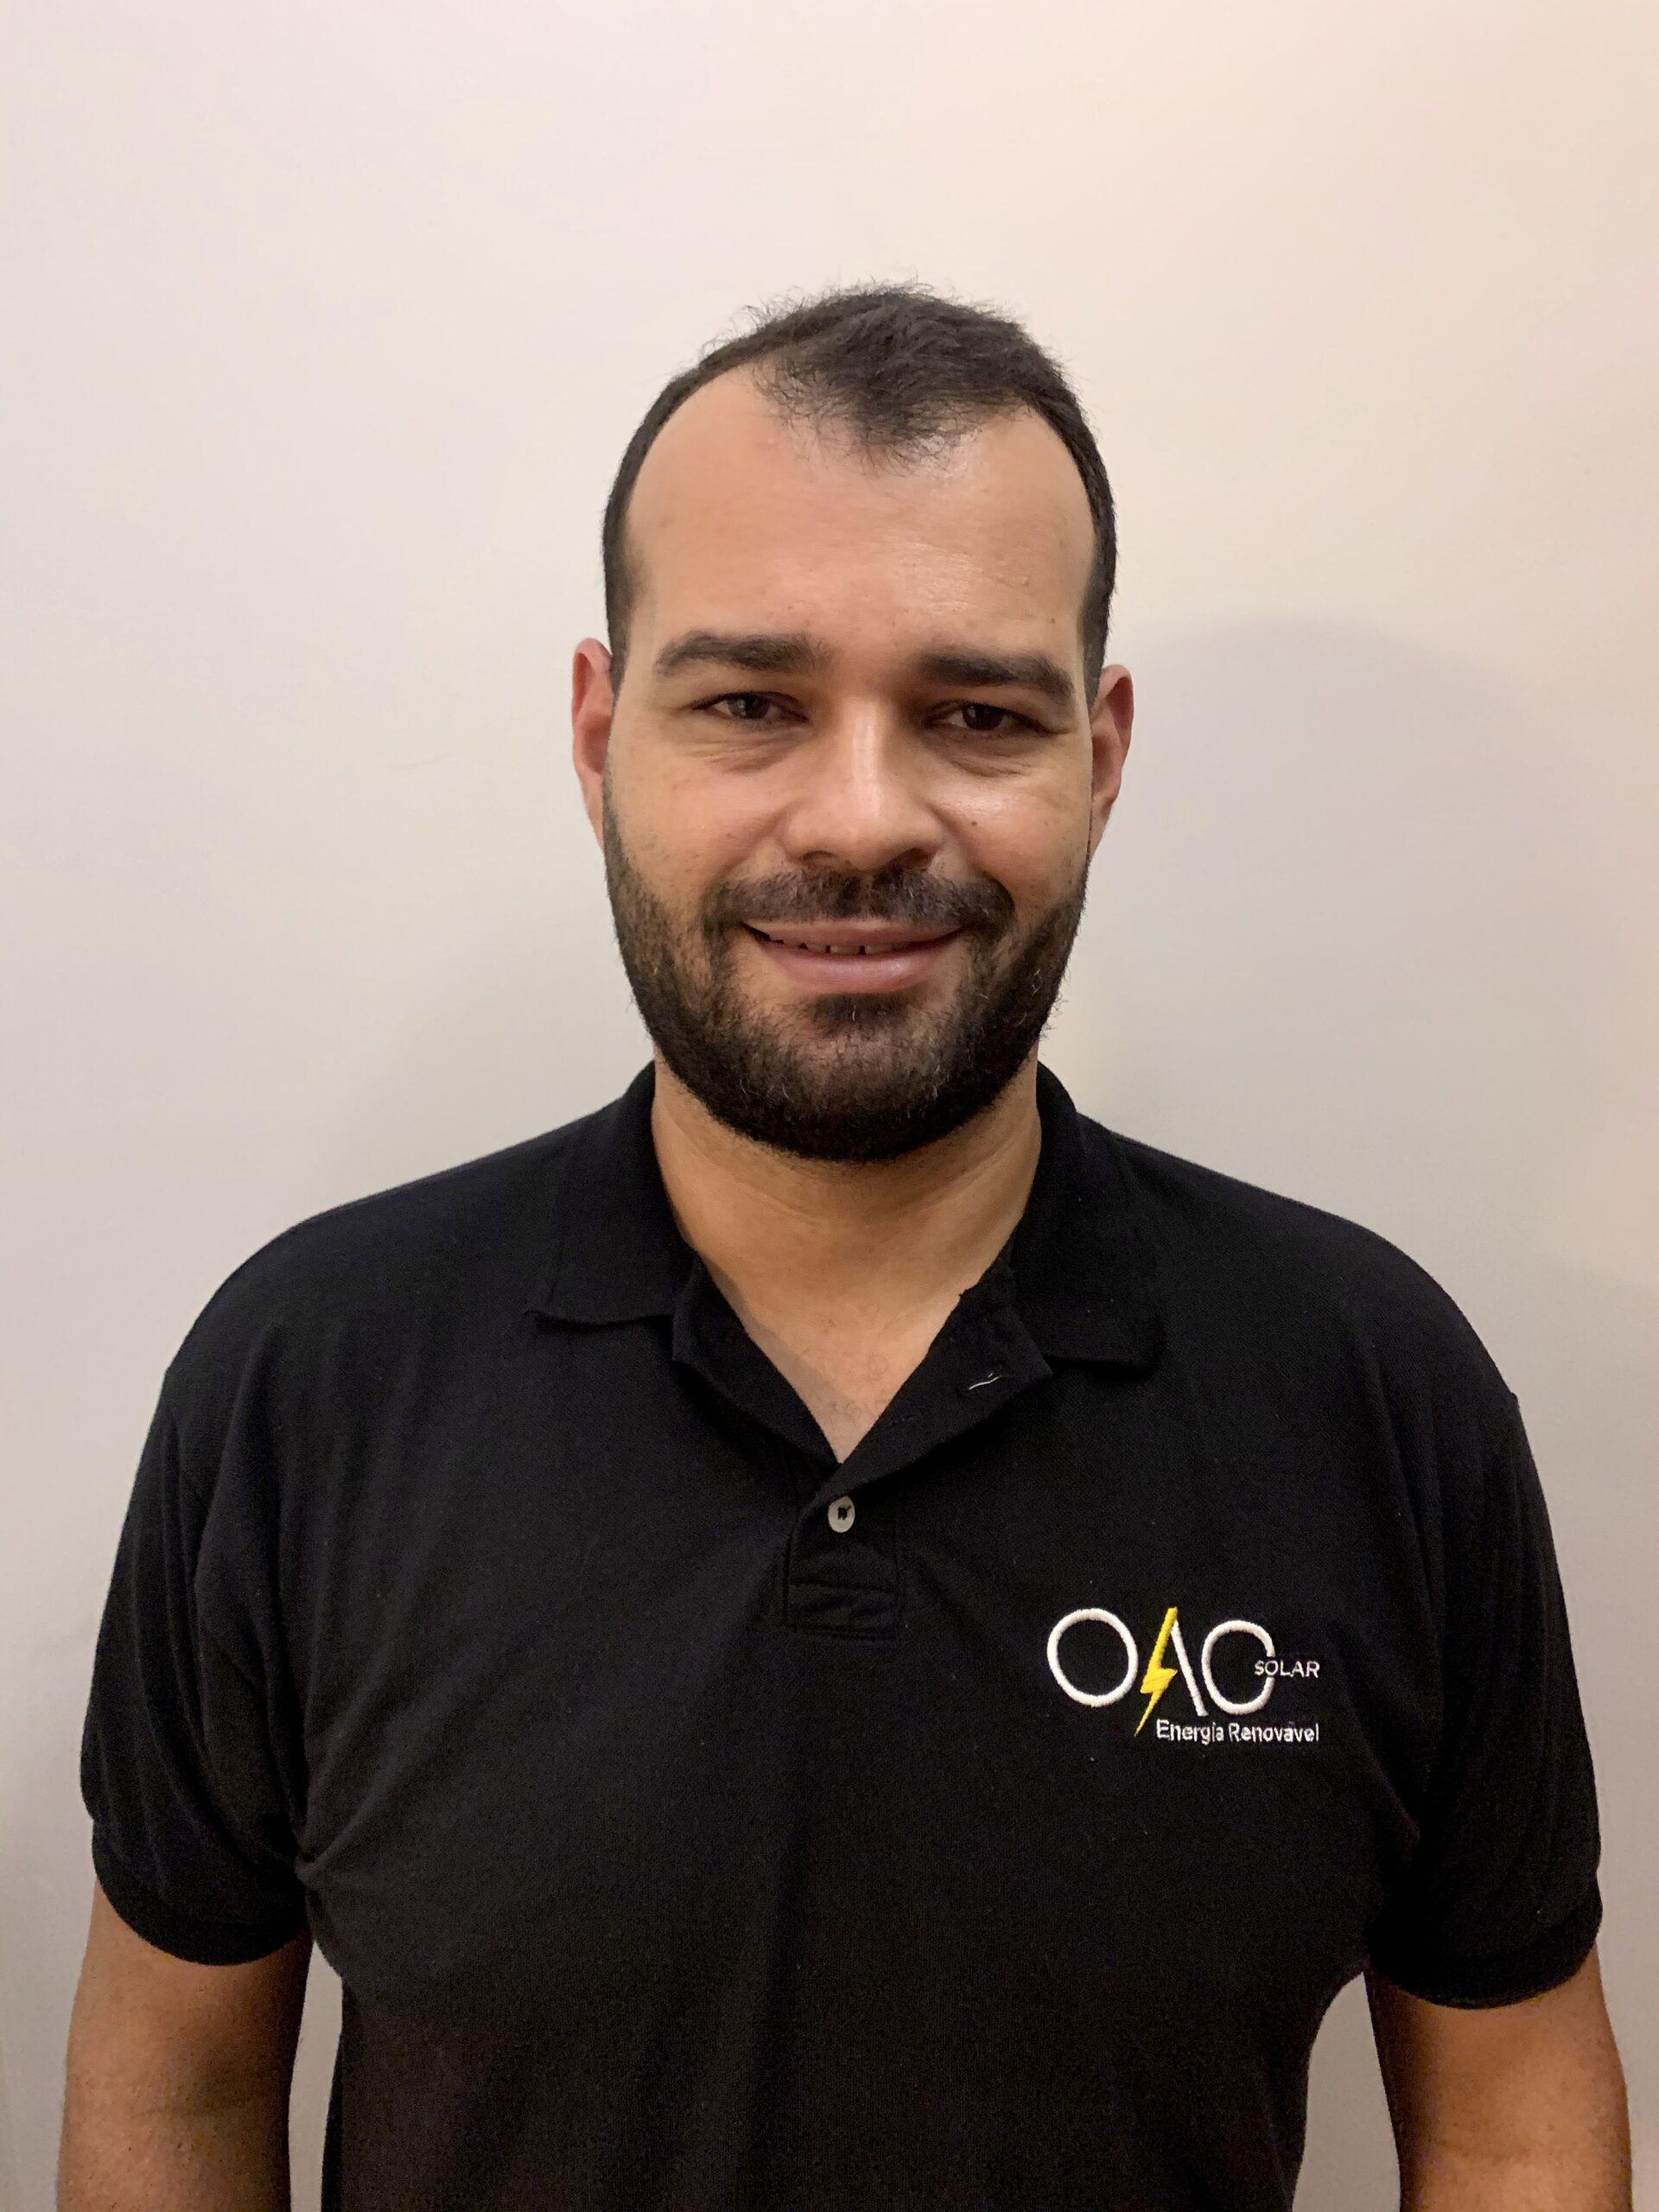 Otavio Cunha